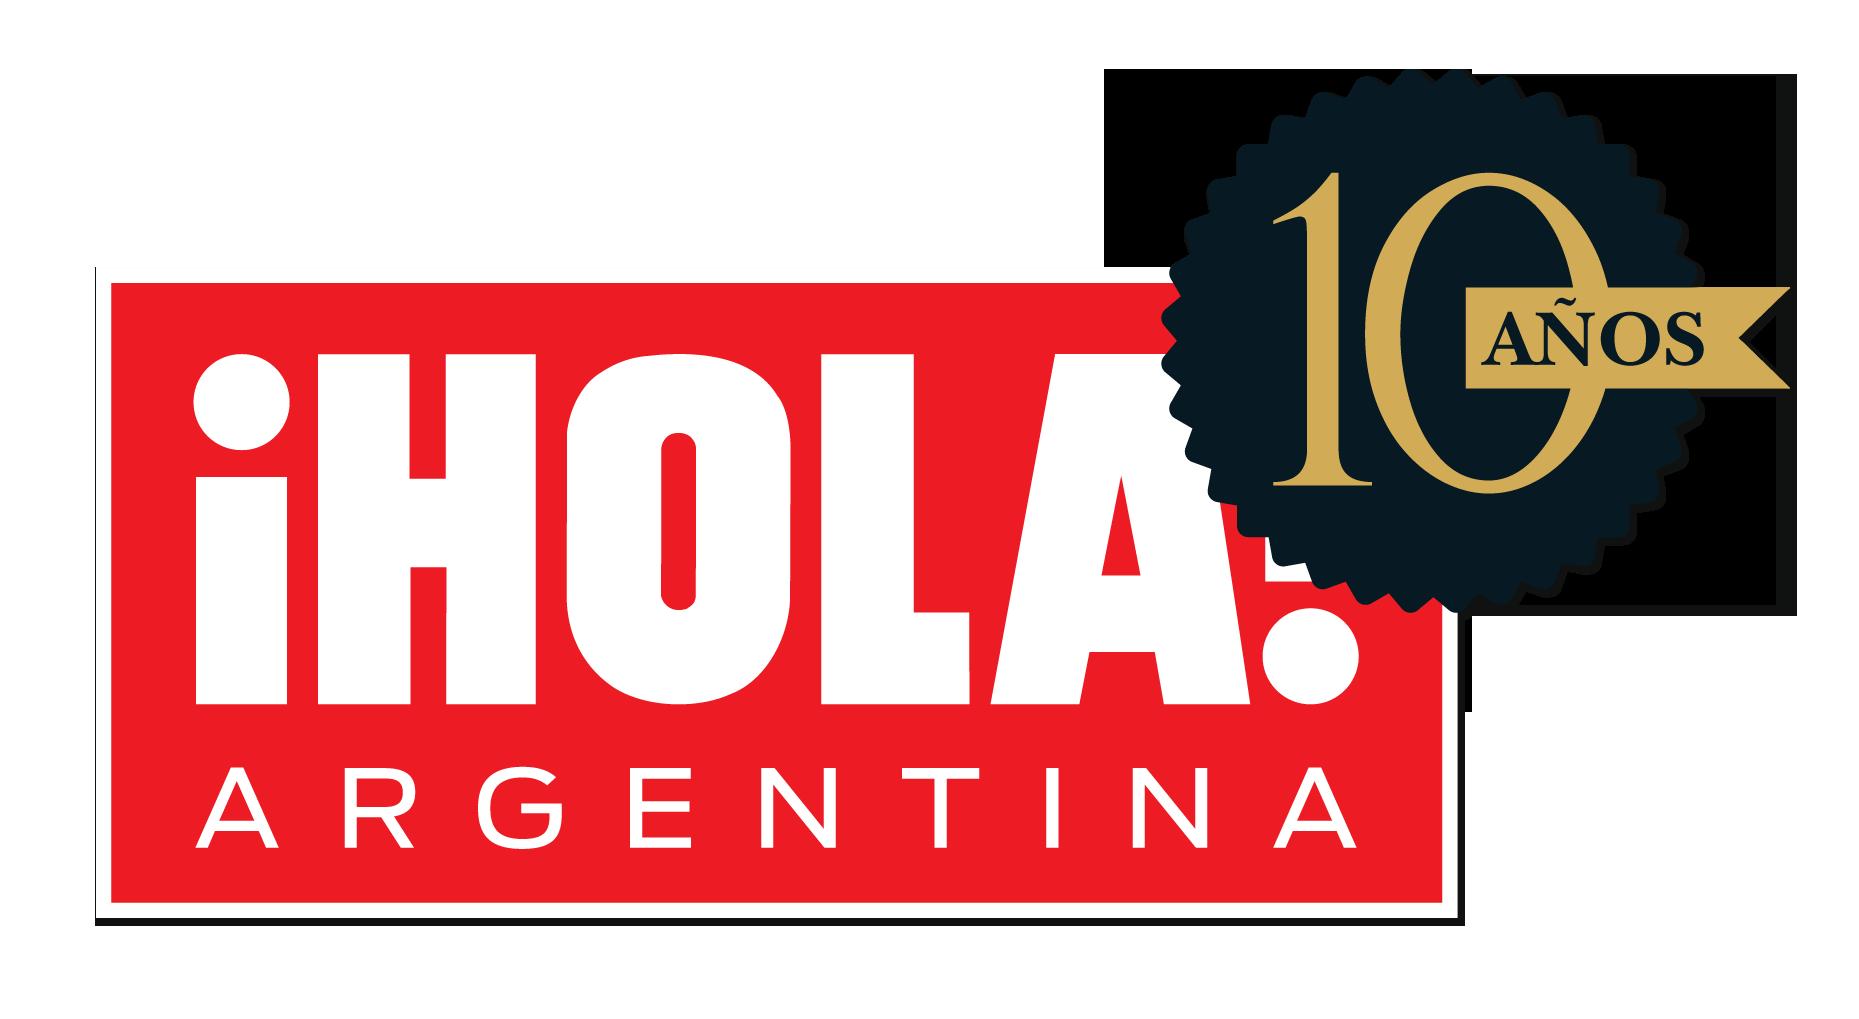 ¡HOLA! ARGENTINA 10 AÑOS